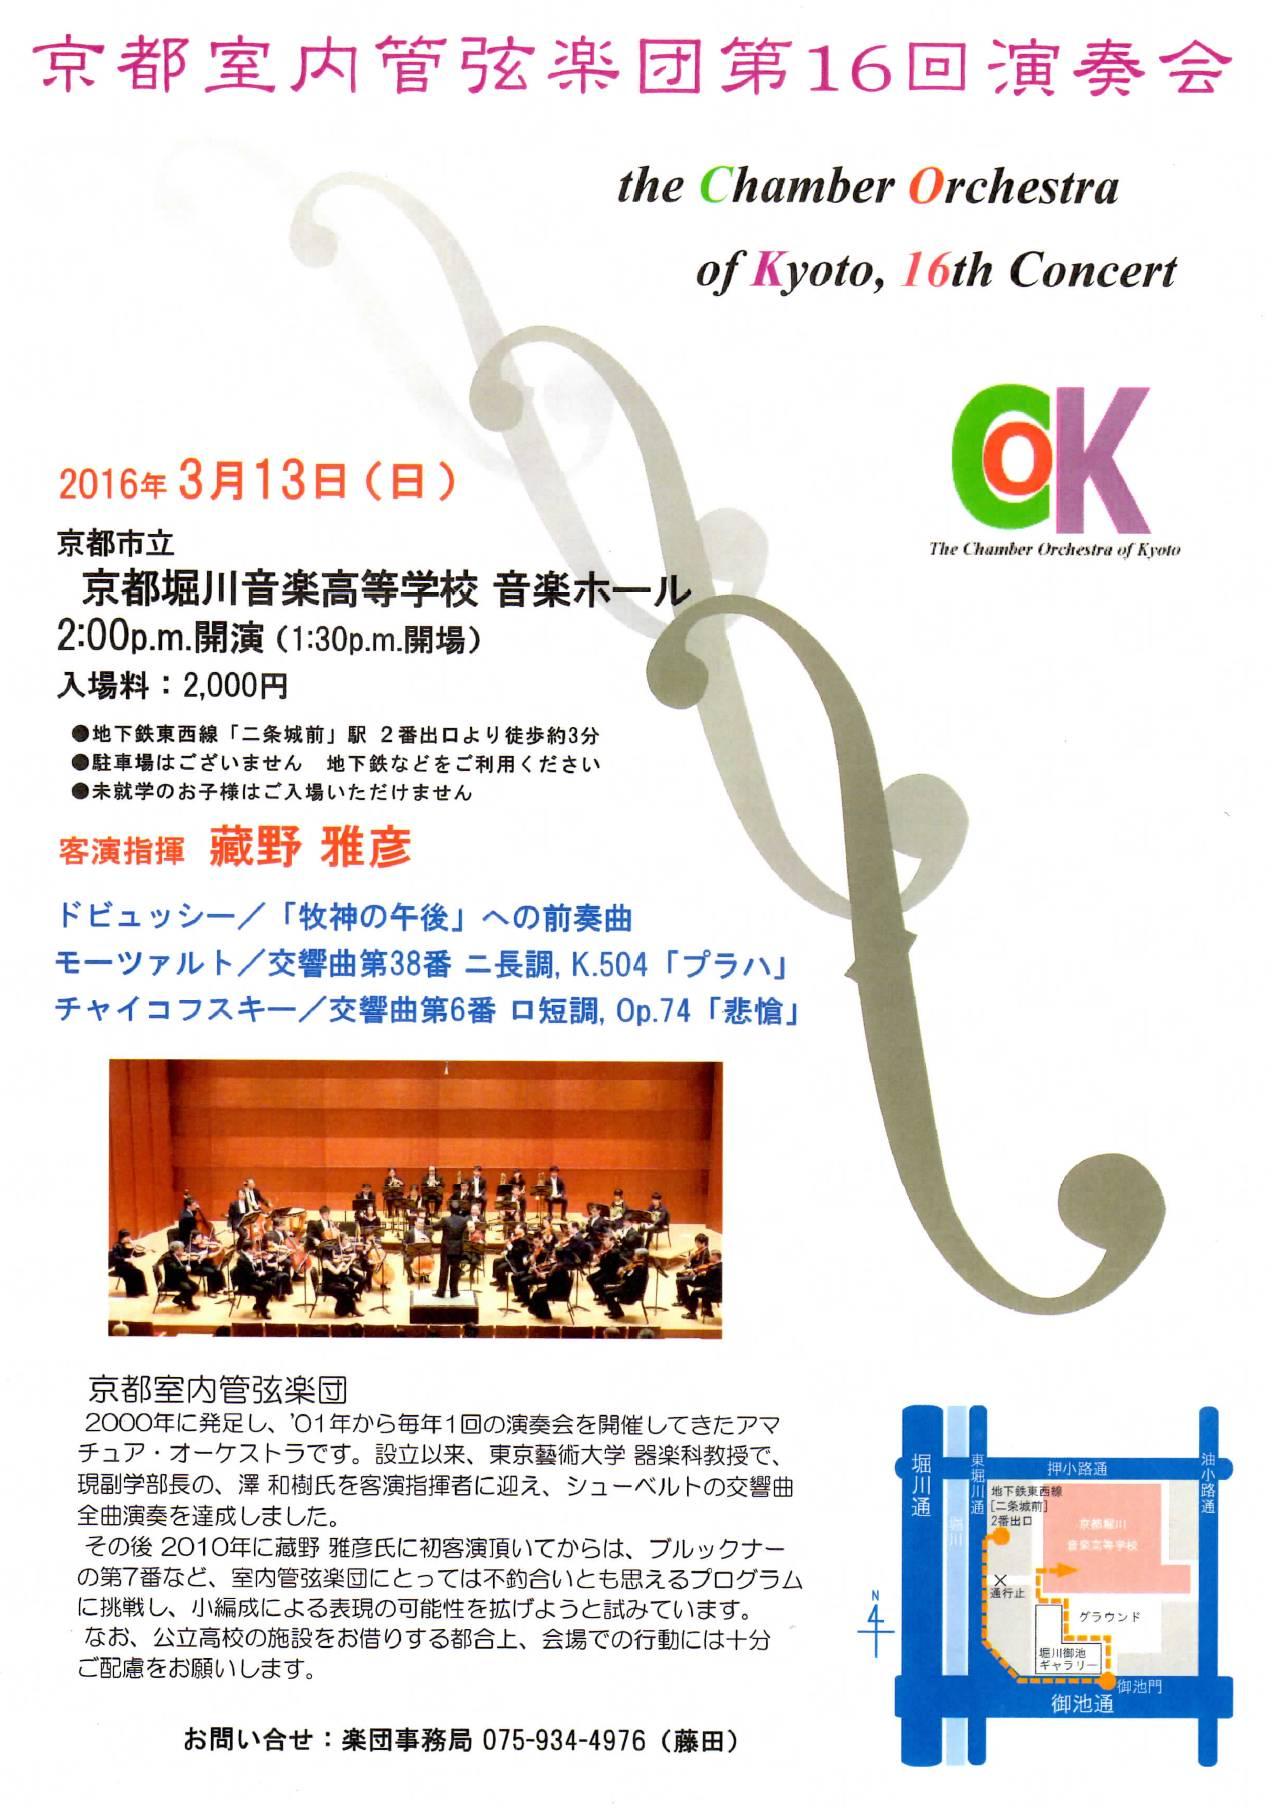 【出演予定】京都室内管弦楽団第16回演奏会